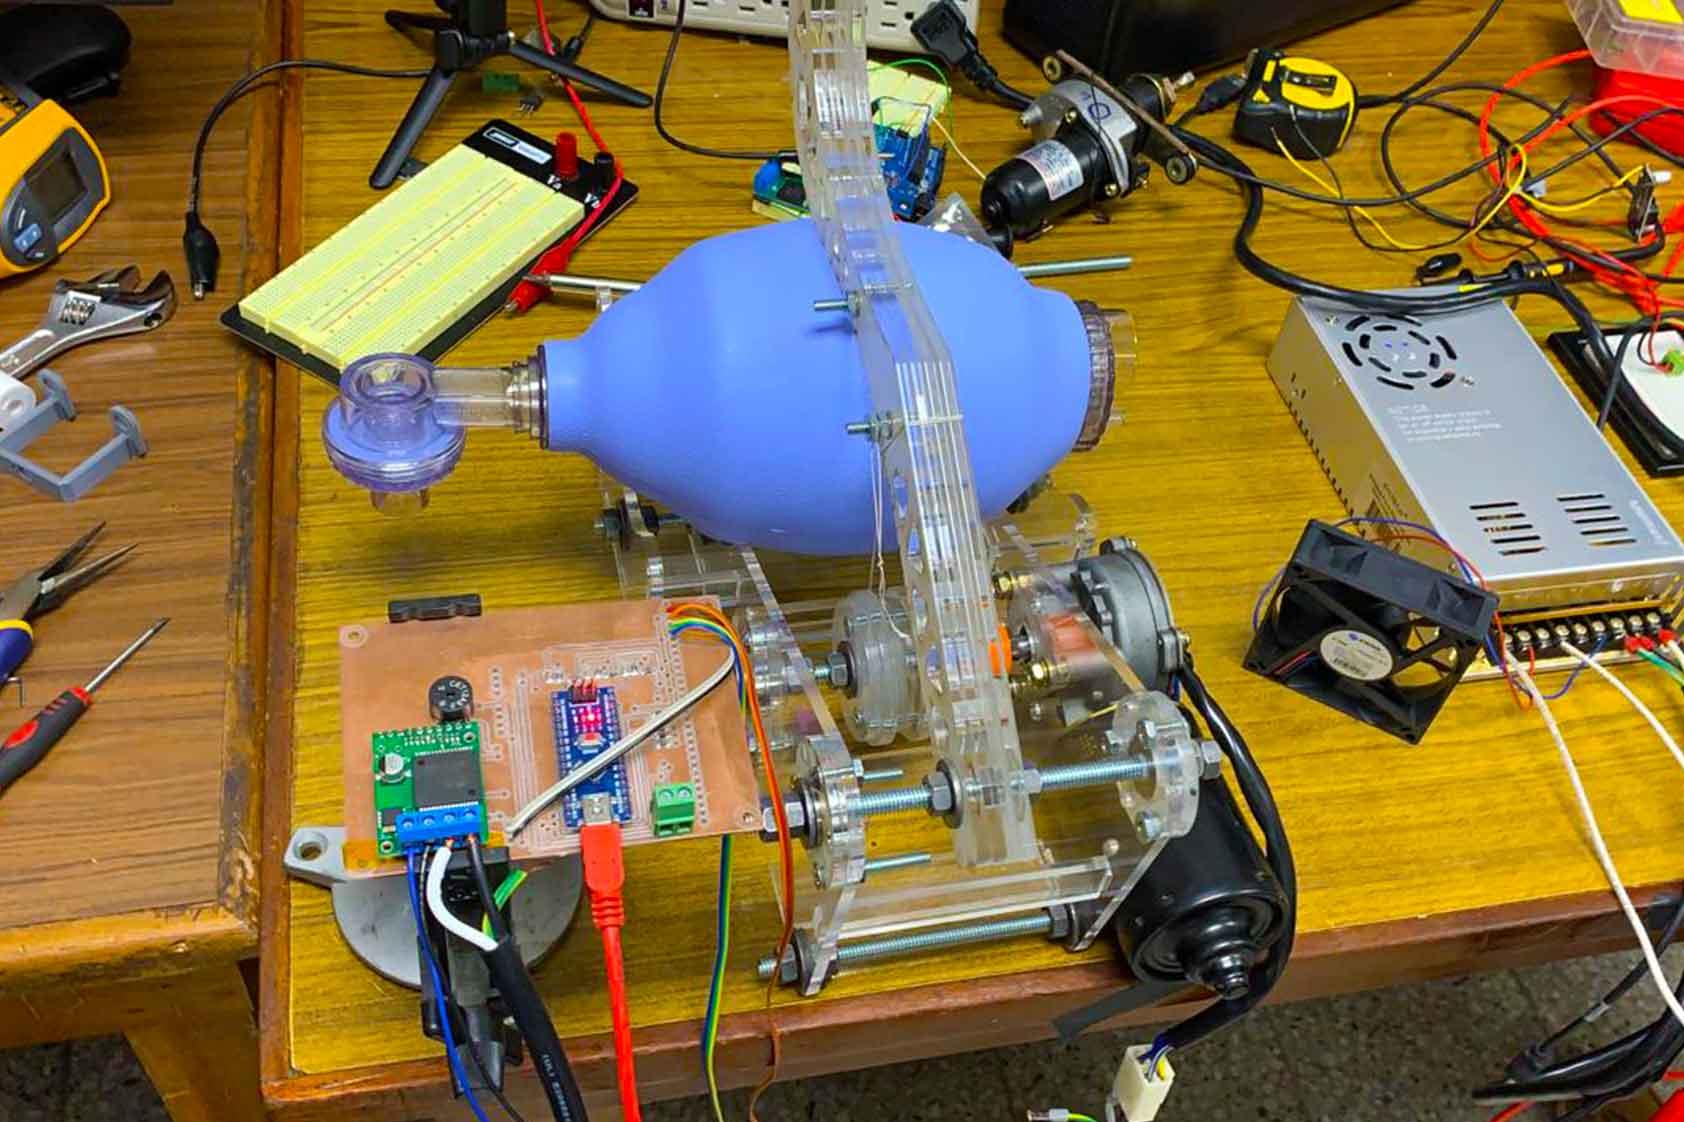 En UVG desarrollamos una máquina de ventilación automática